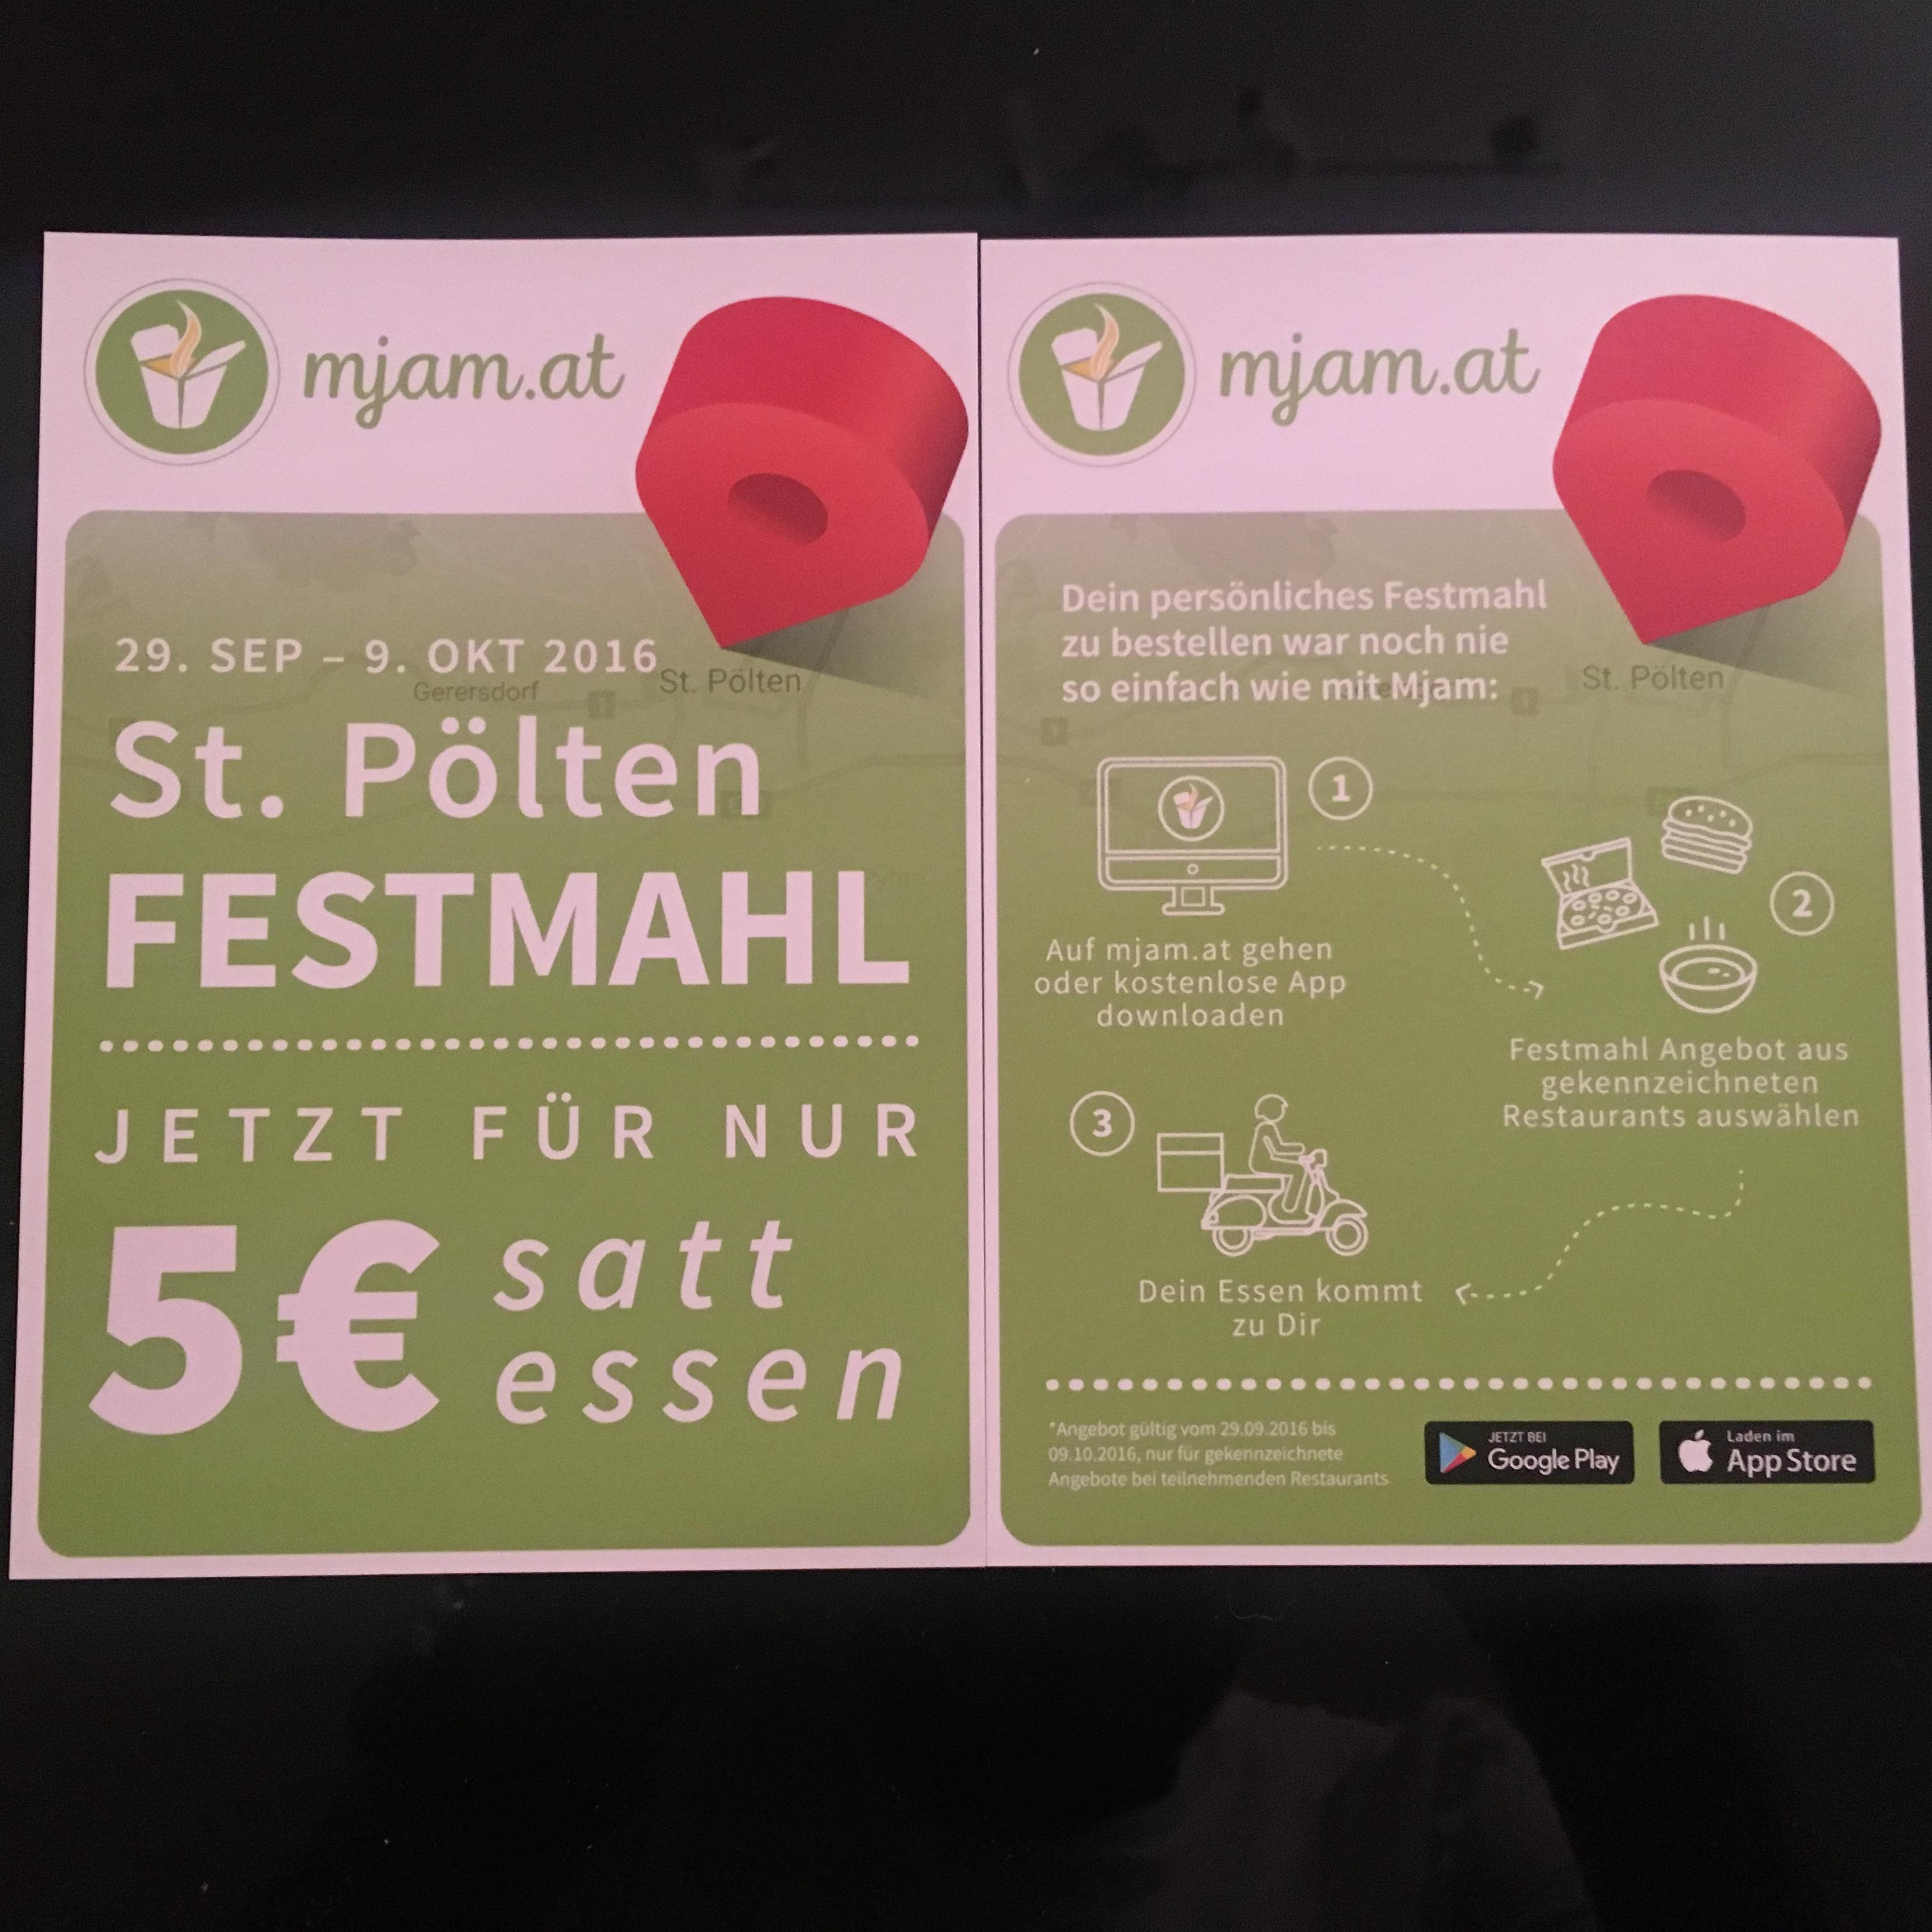 [mjam] St. Pölten Festmahl. Jetzt für nur 5€ satt essen. 5€ MBW. Gültig vom 29.09. - 09.10.2016